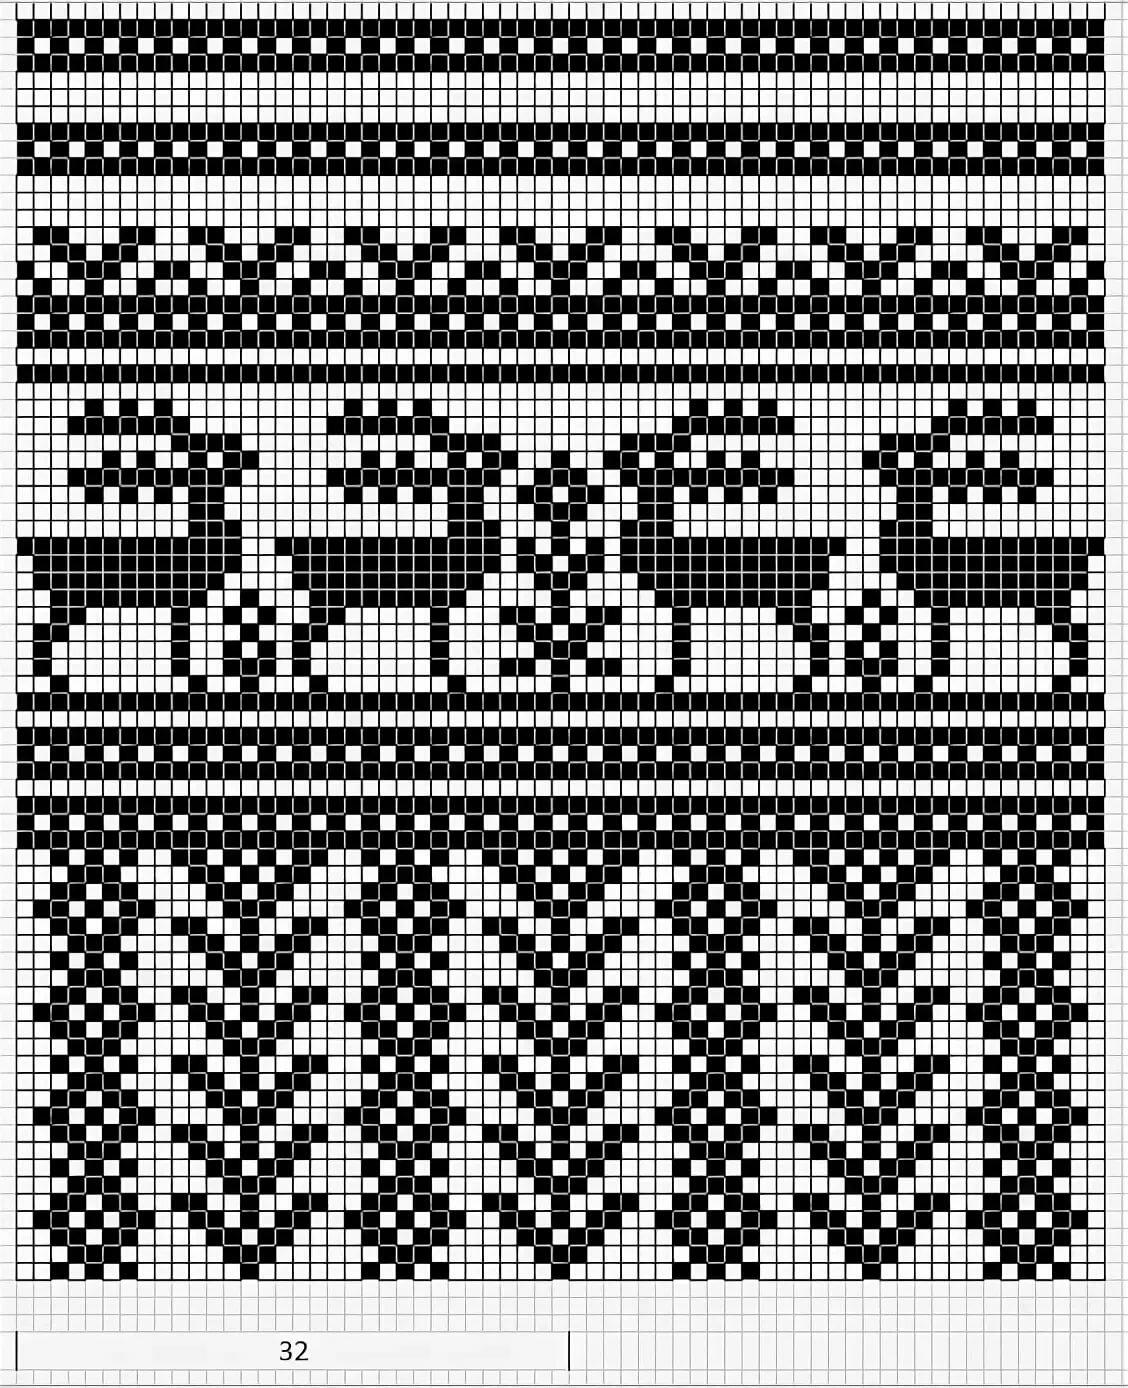 брюнетка картинки черно белые узоры спицами единица измерения процент